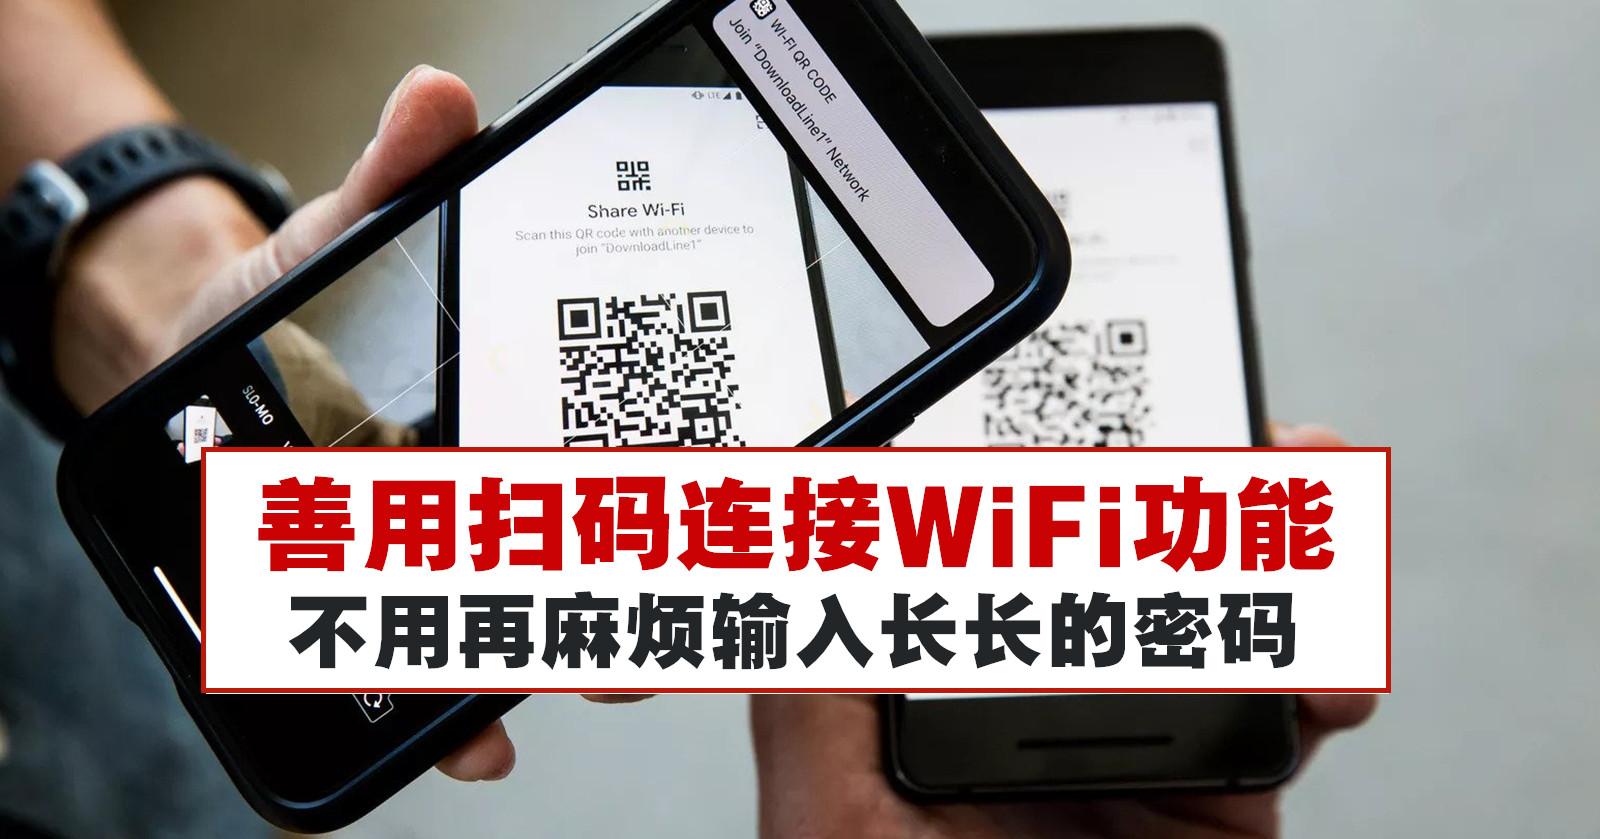 善用扫码连接WiFi功能,不用再麻烦输入长长的密码